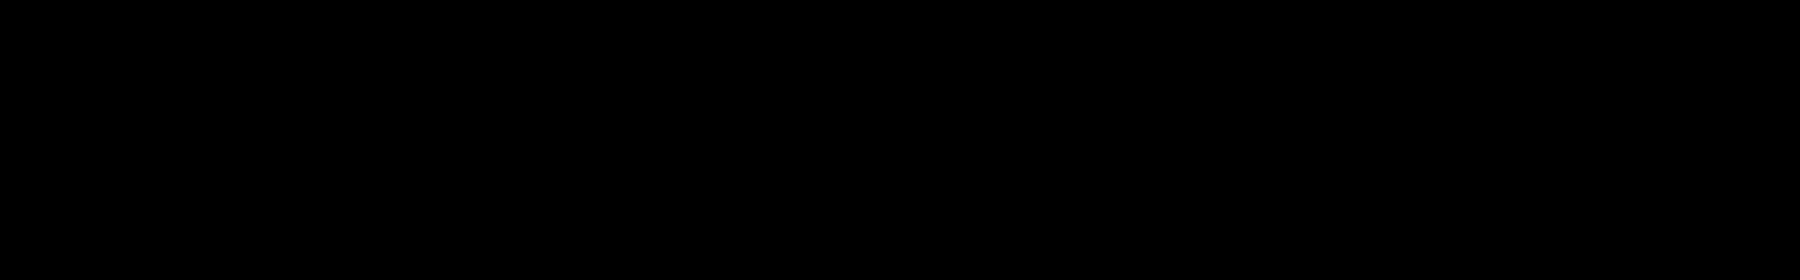 Absynth Atmos audio waveform